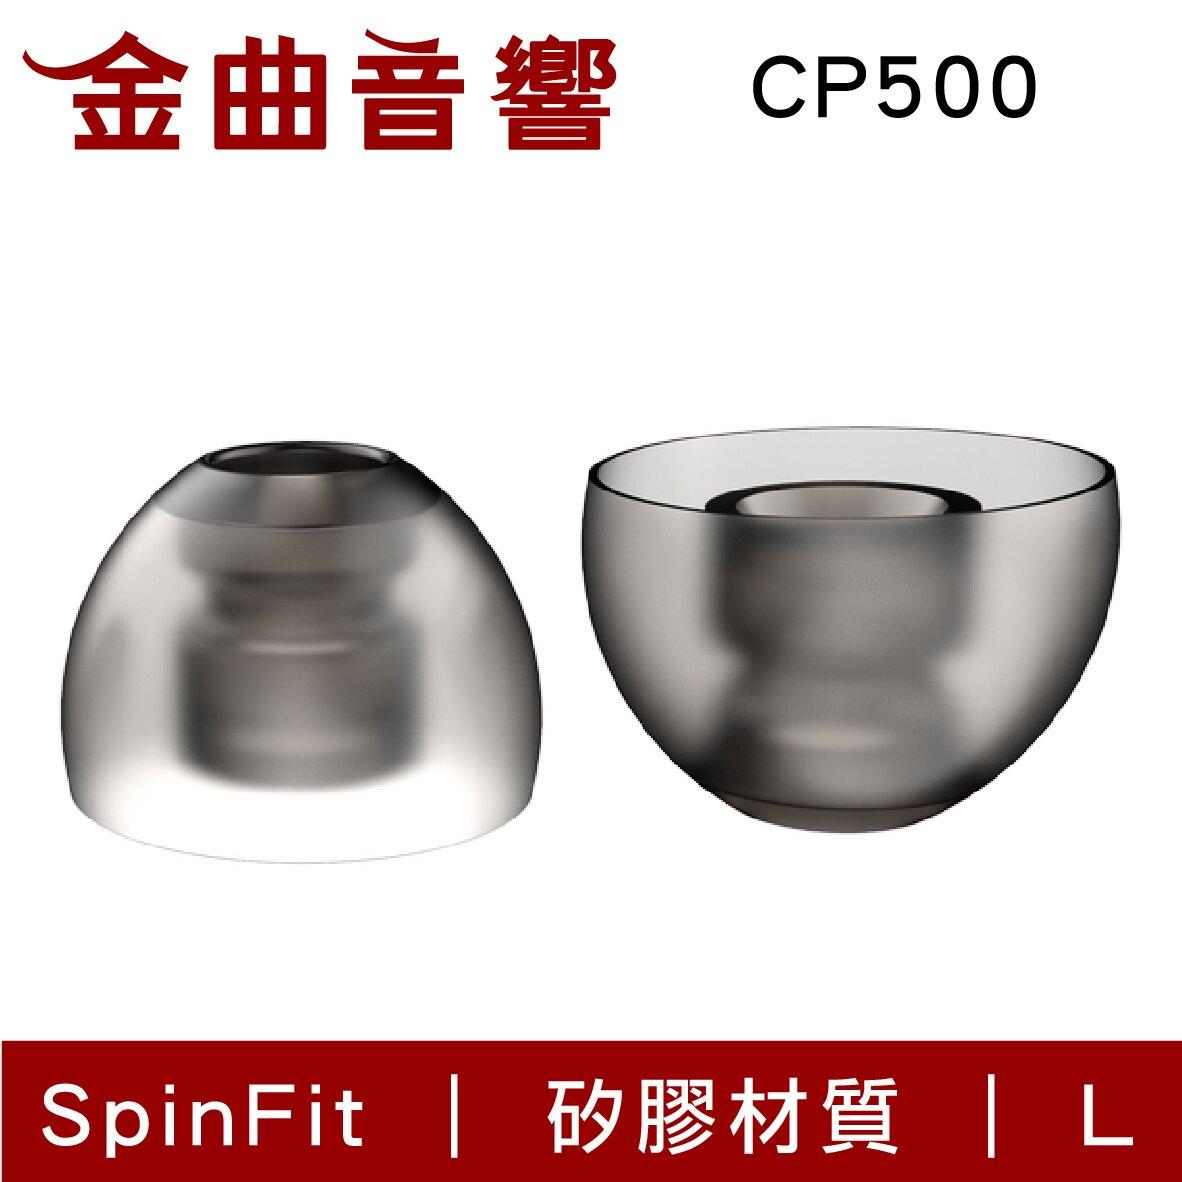 SpinFit CP500 L 一對 JVC Final 適用 矽膠 耳塞   金曲音響